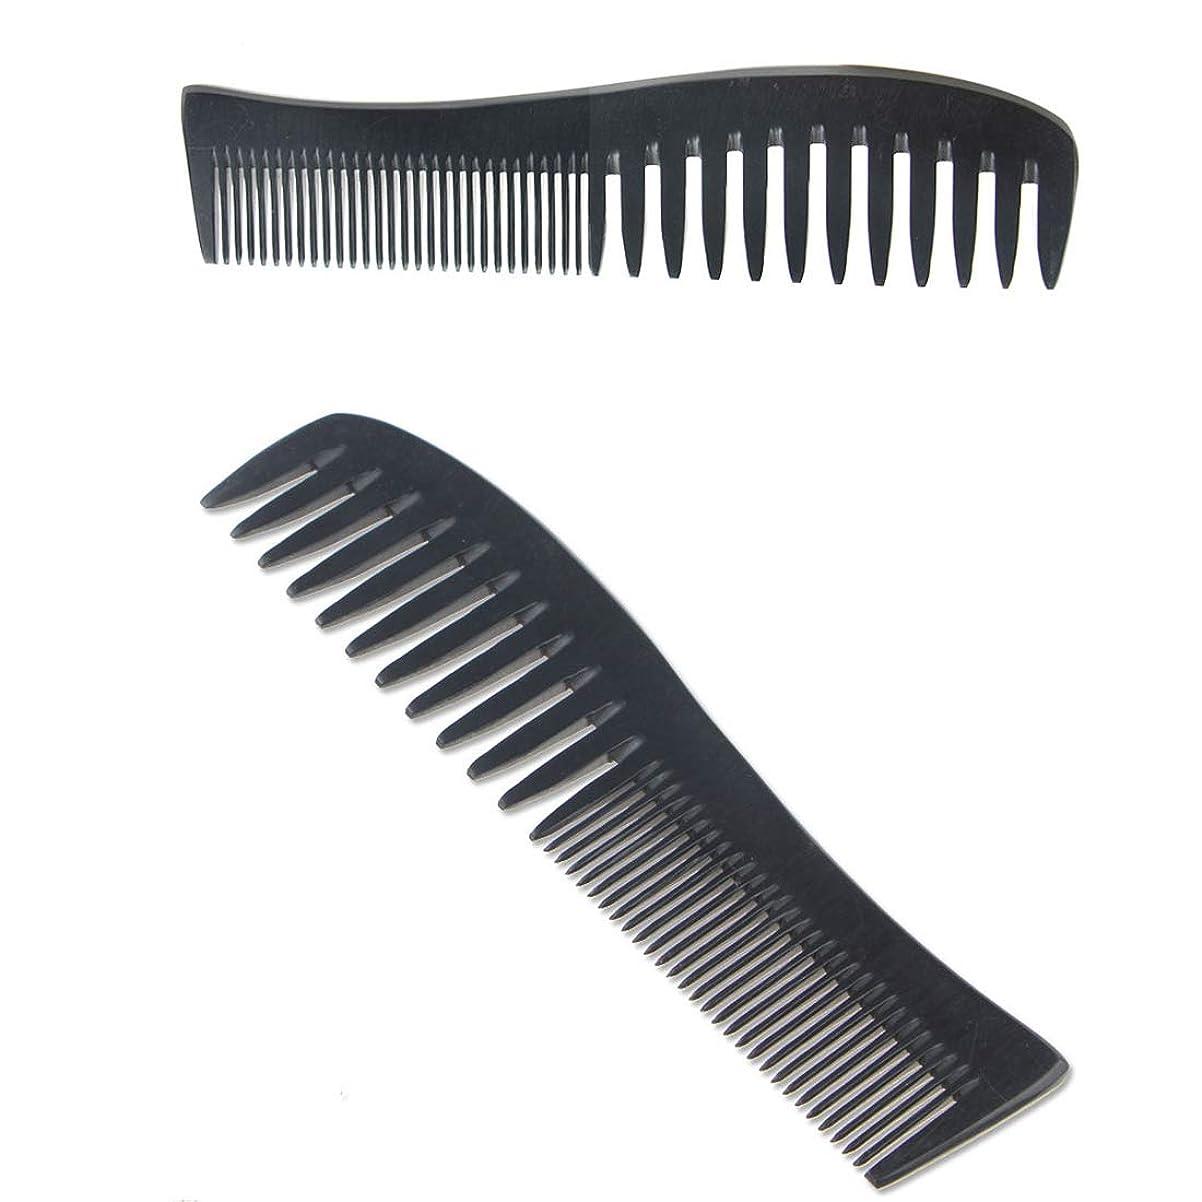 カットハサミ ヘアスタイリングツール 手作りの木製くし - ふけ防止、帯電防止、環境にやさしい - 頭皮と髪の健康に最適、幅広の歯2個 ヘアカットシザー (色 : 2Pcs)